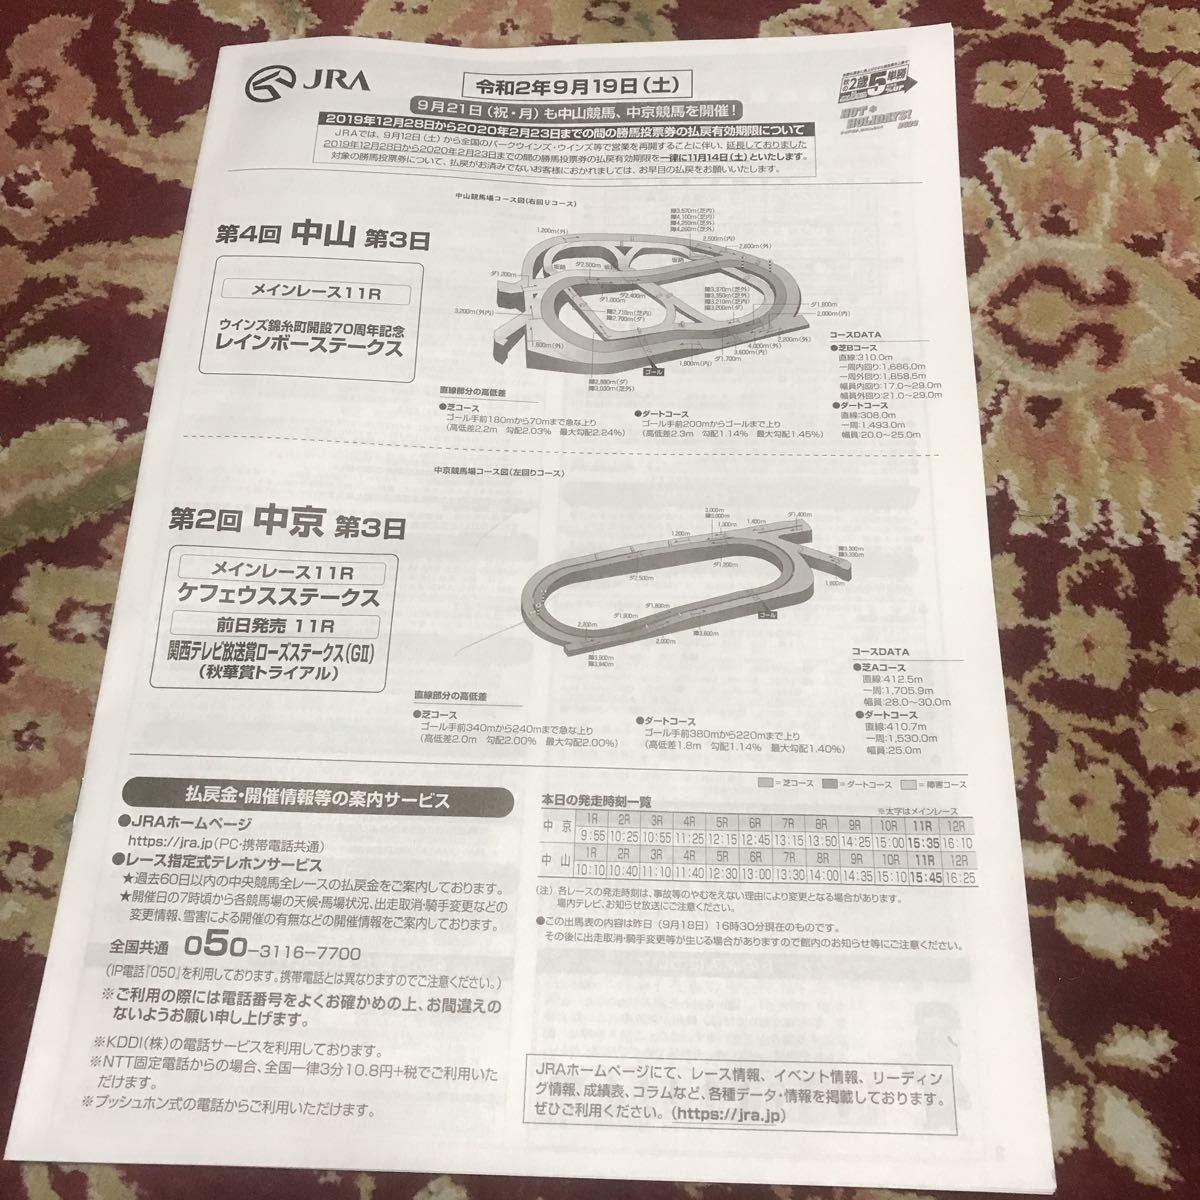 JRAレーシングプログラム令和2年9月19日(土)レインボーステークス、ケフェウスステークス_画像1